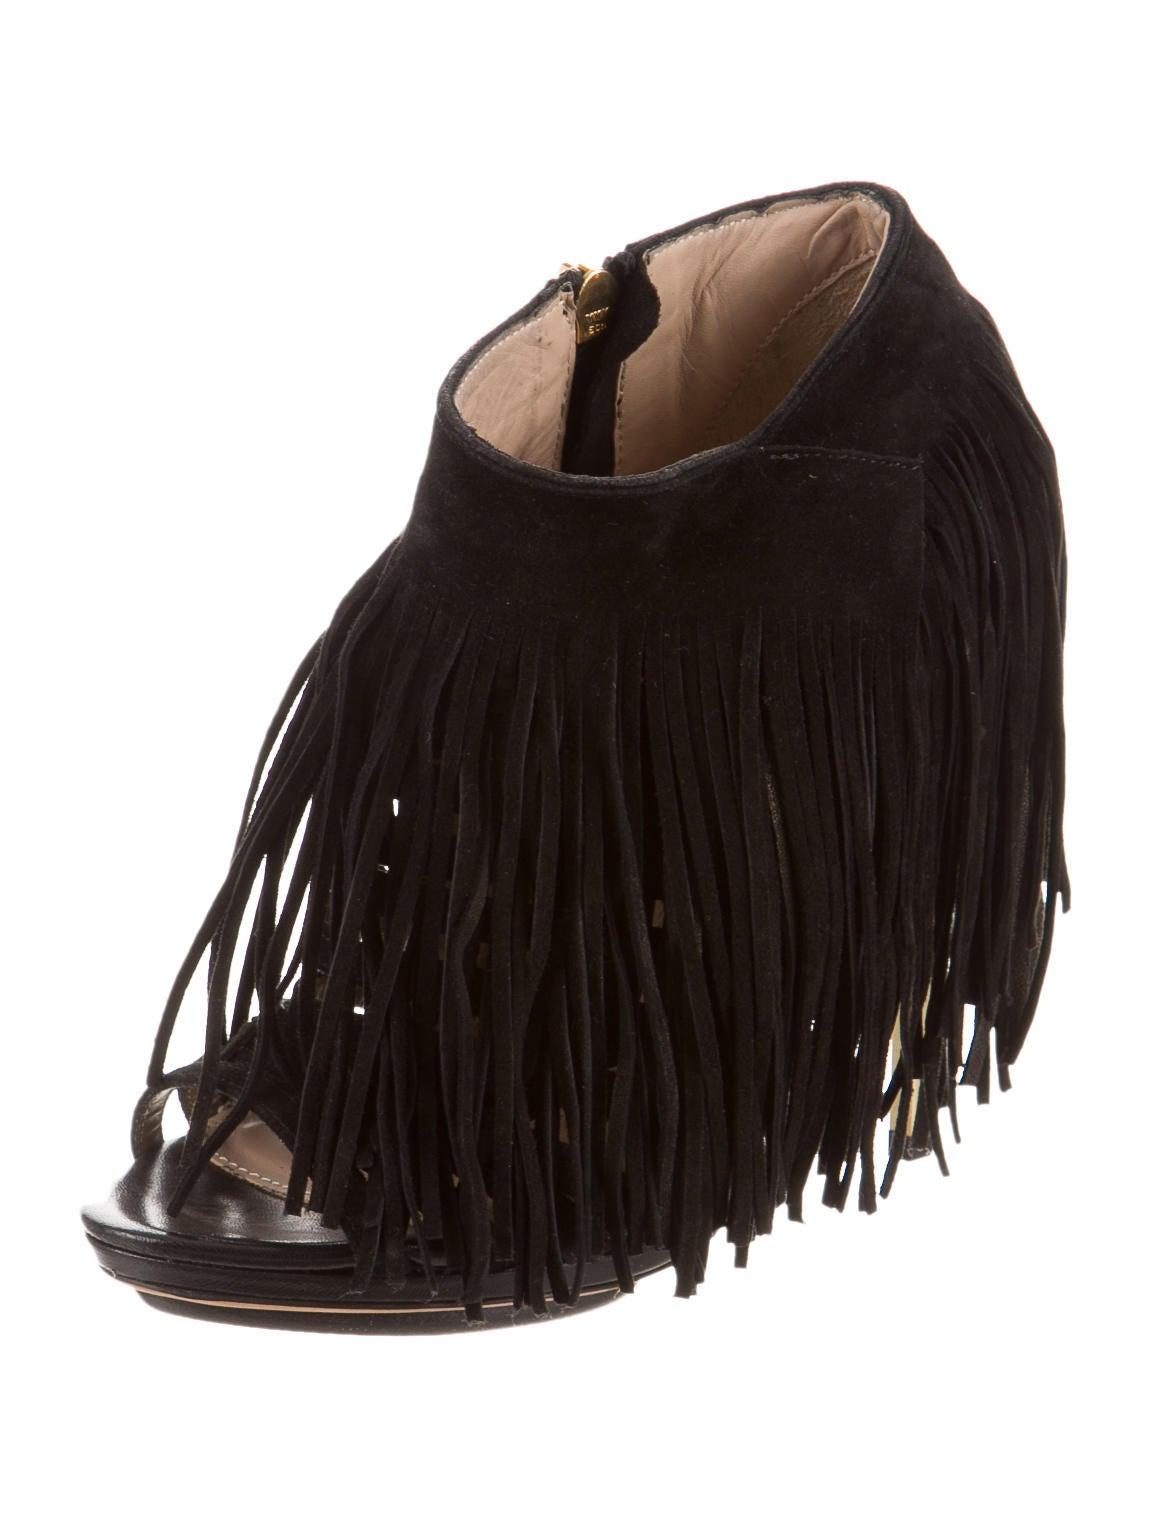 Herve Leger Frayah Fringe Ankle Boots - Shoes - HEV24146   The ...